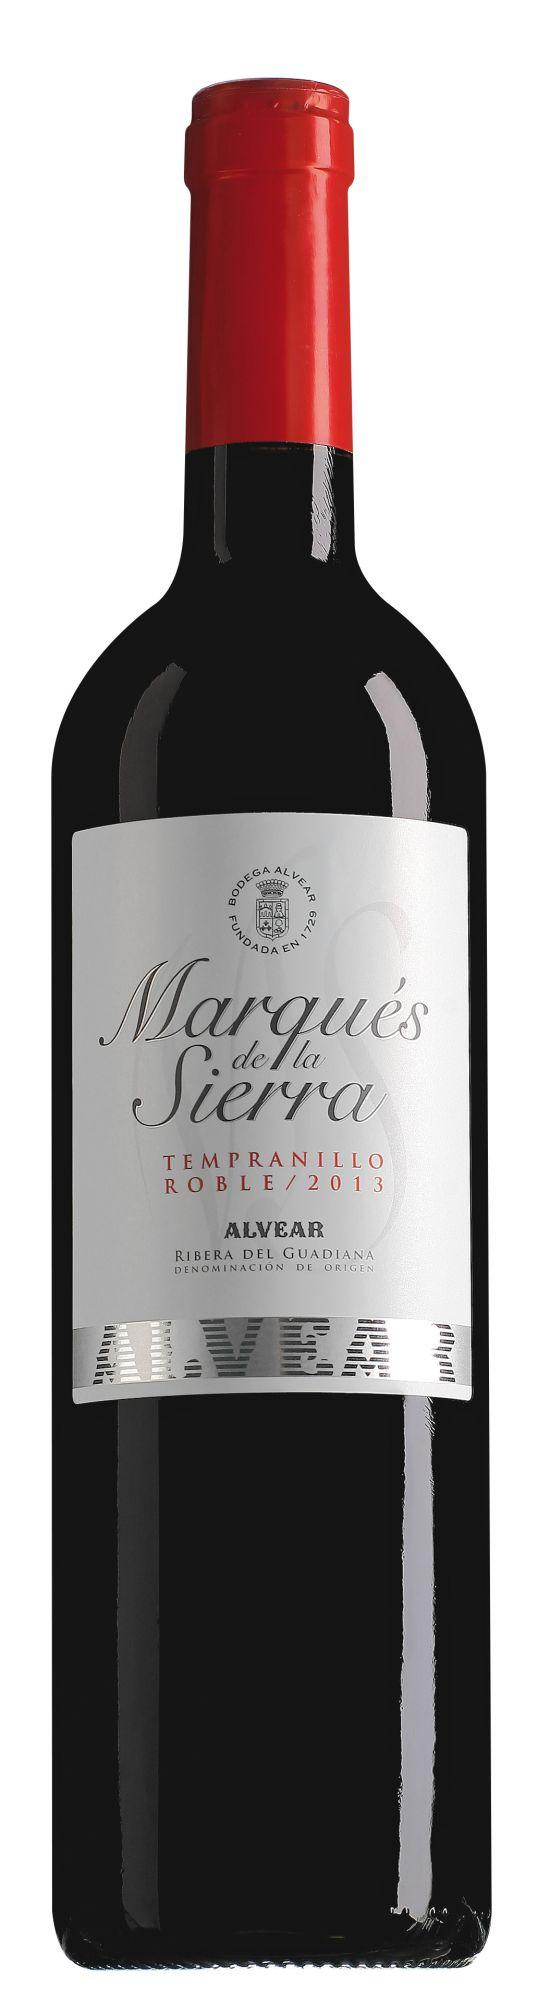 Marqués de la Sierra Ribera del Guadiana Tempranillo